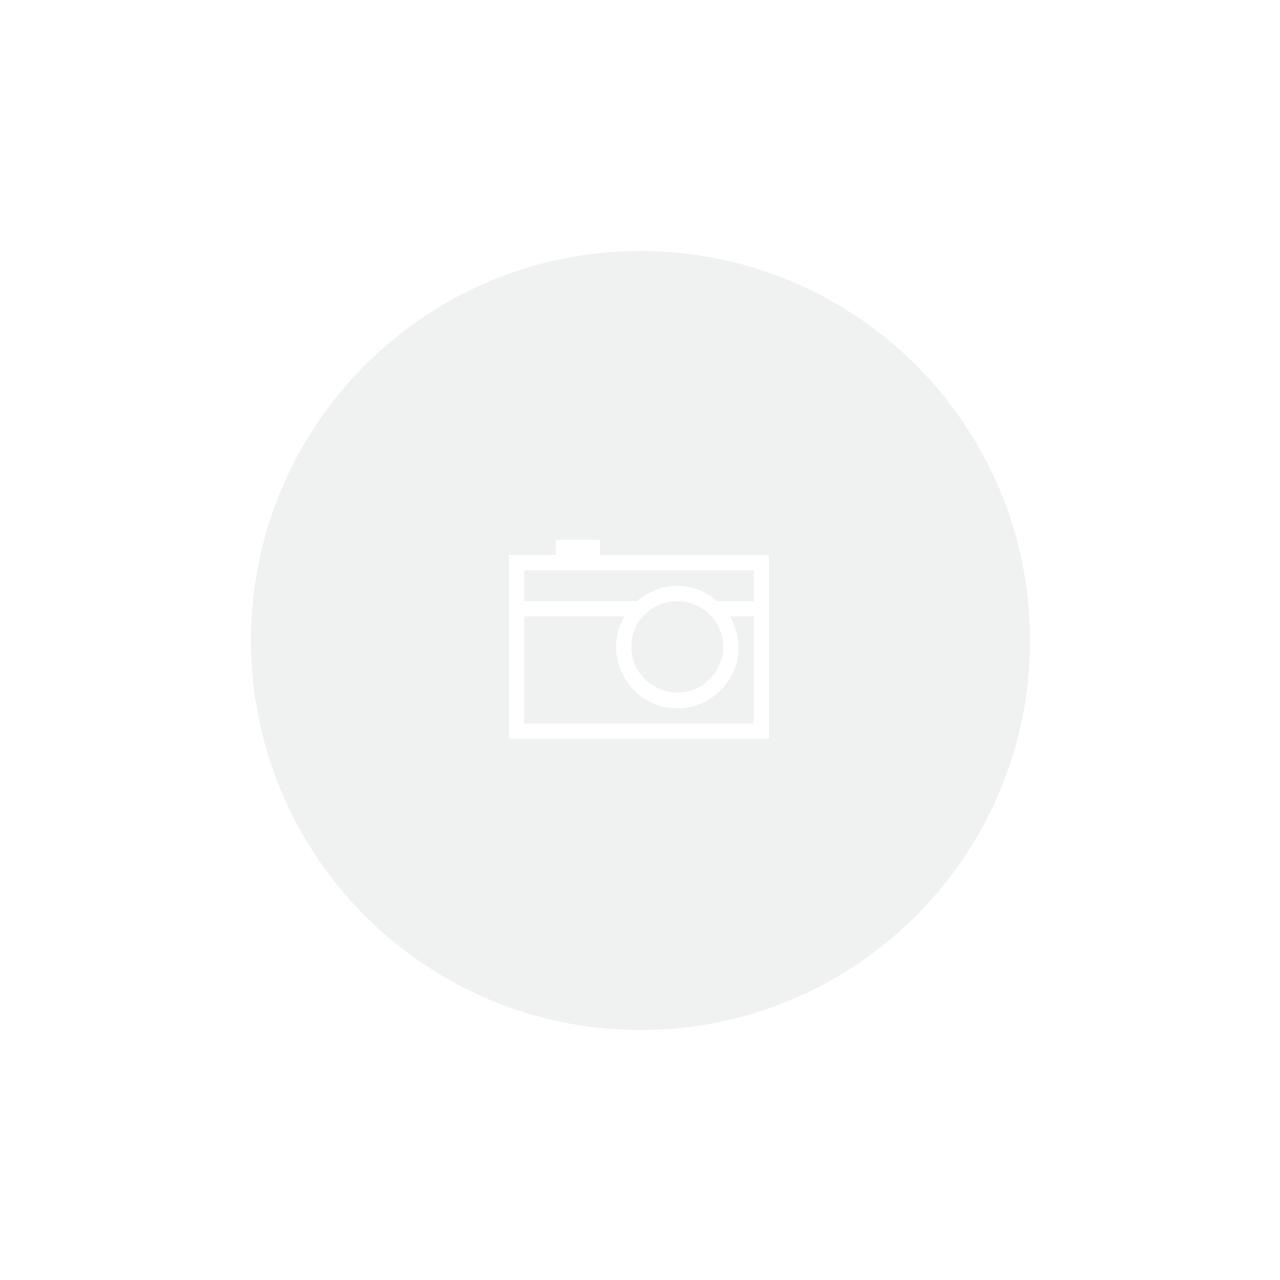 Capannelle Chianti Classico DOCG - Riserva 2014